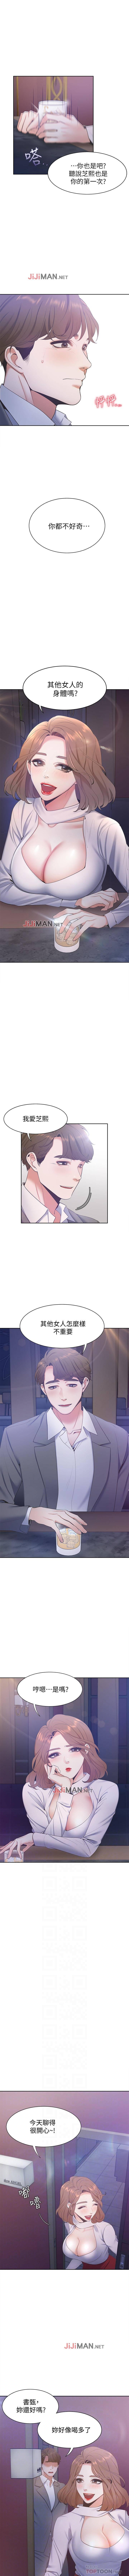 【周五连载】渴望:爱火难耐(作者:Appeal&格子17) 第1~24话 40